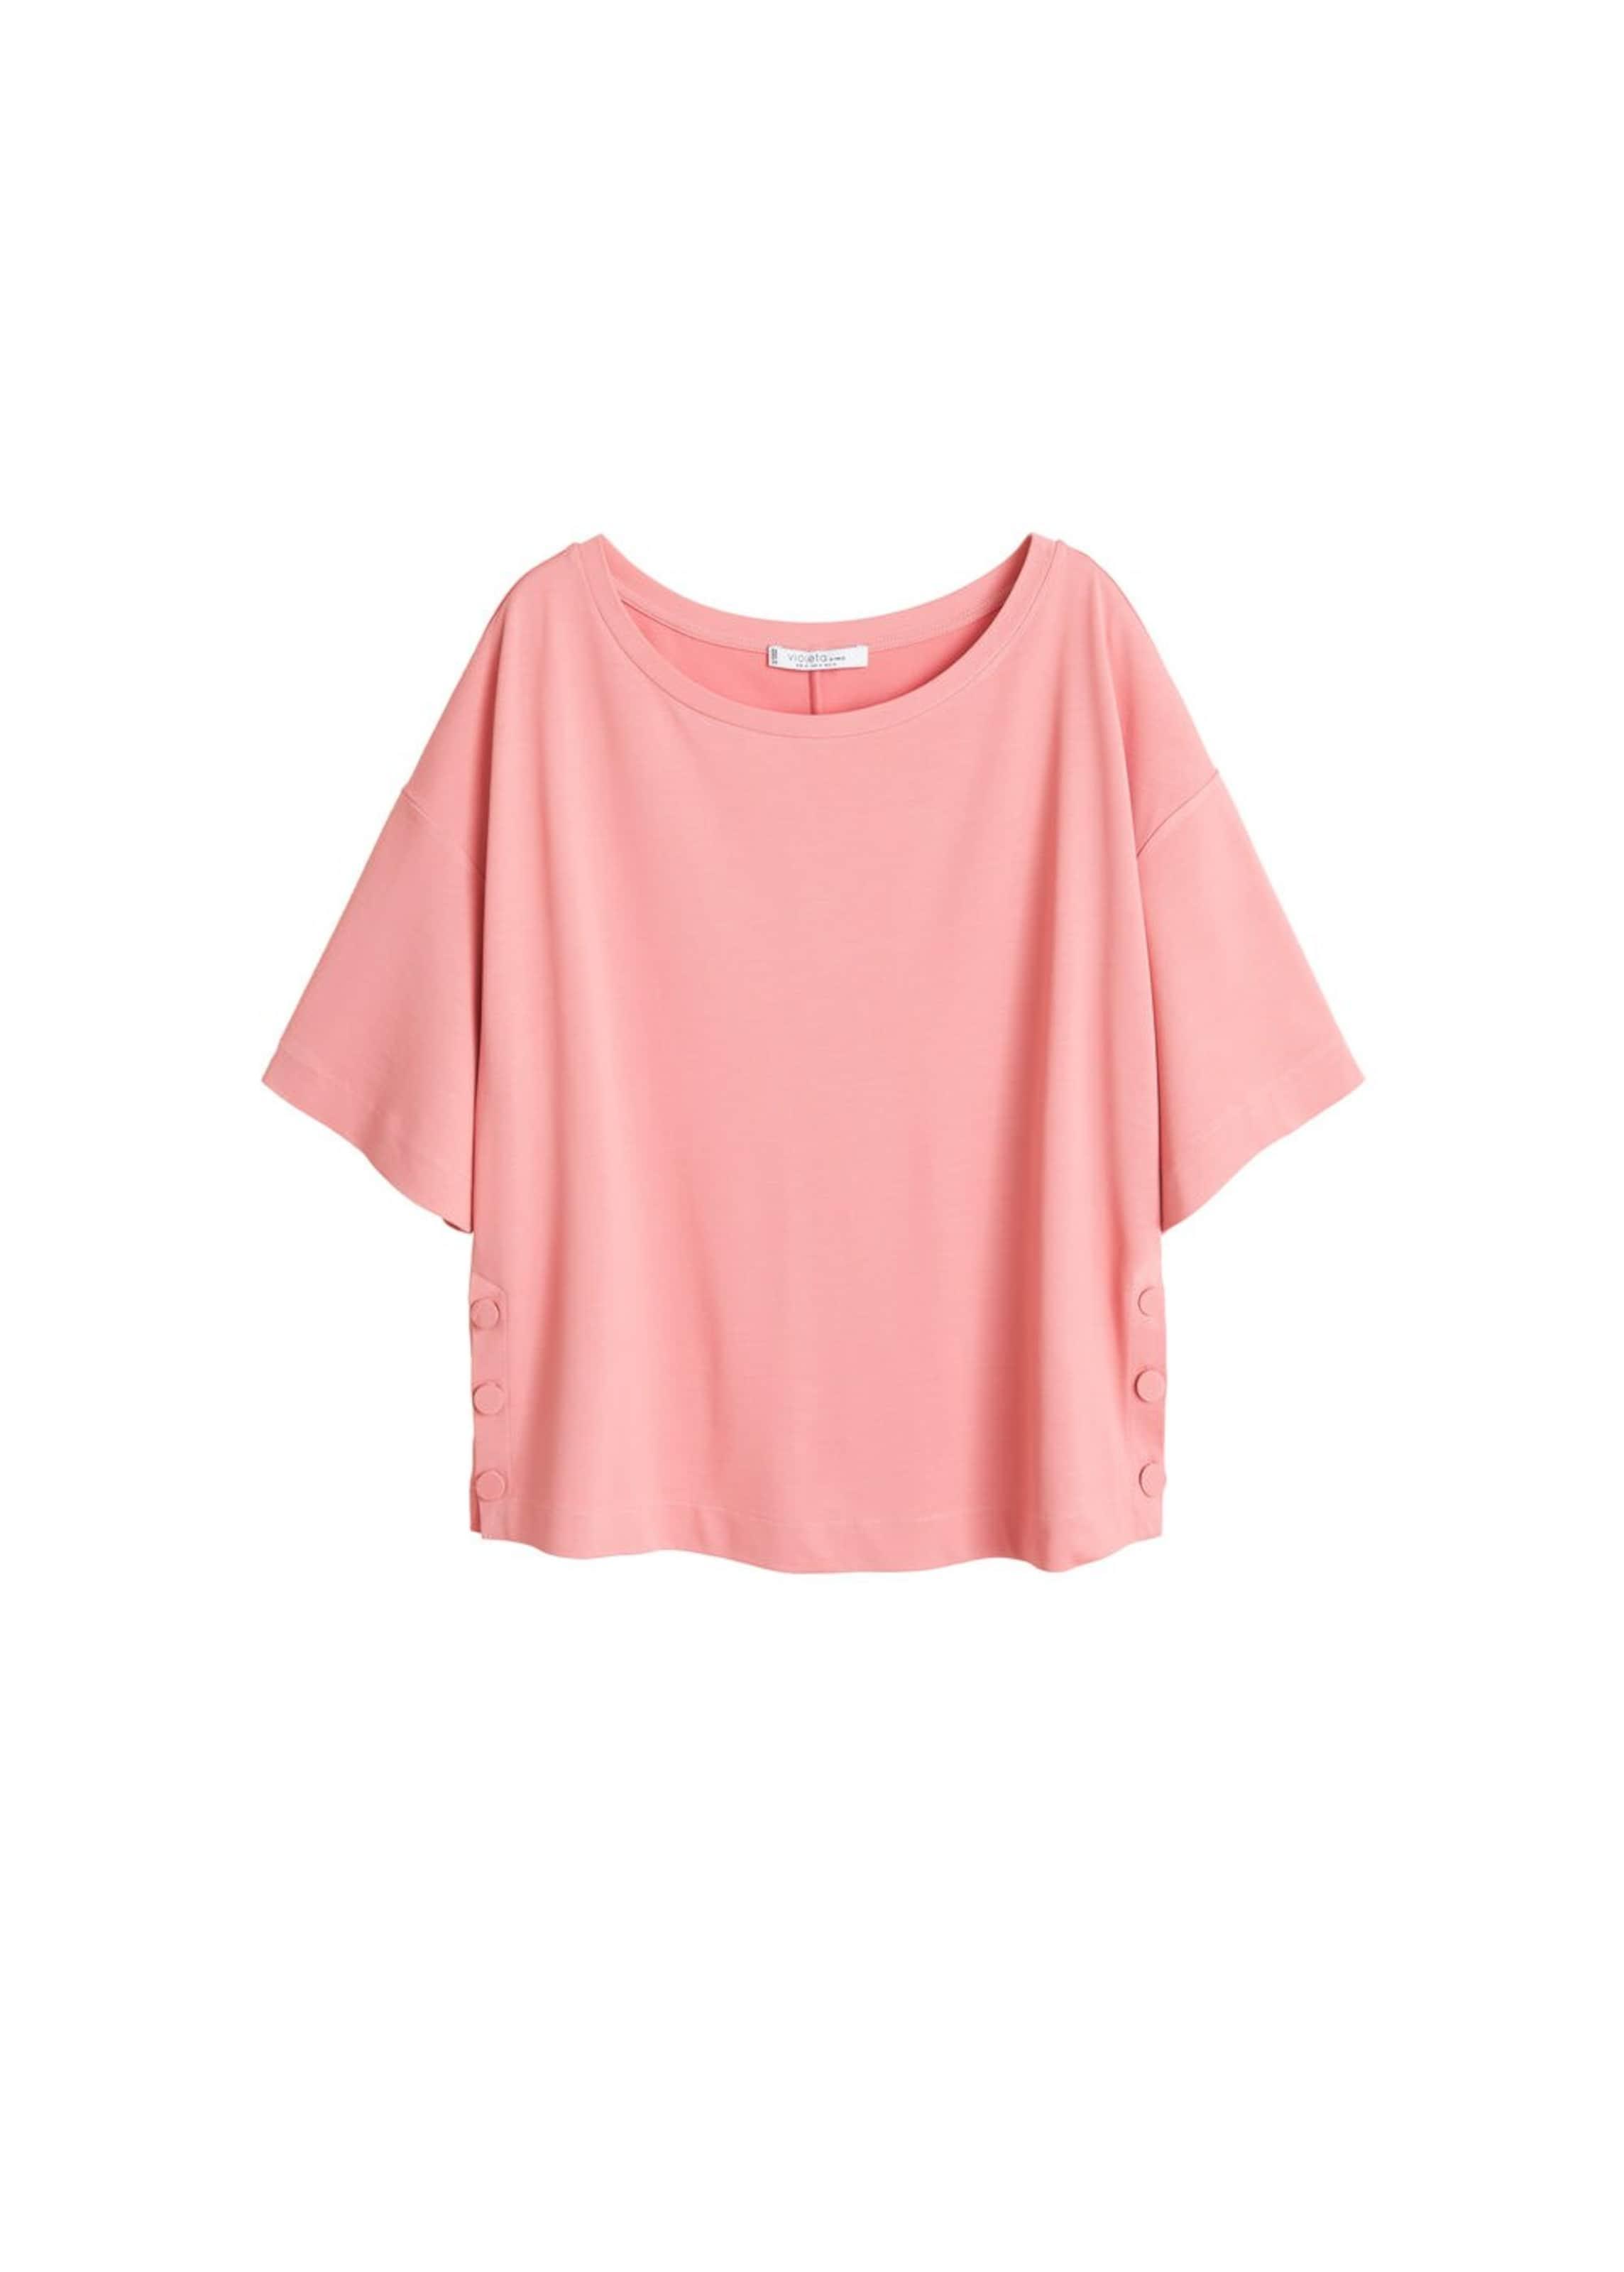 By Mango Shirt Pink Violeta In QCshBdxrt